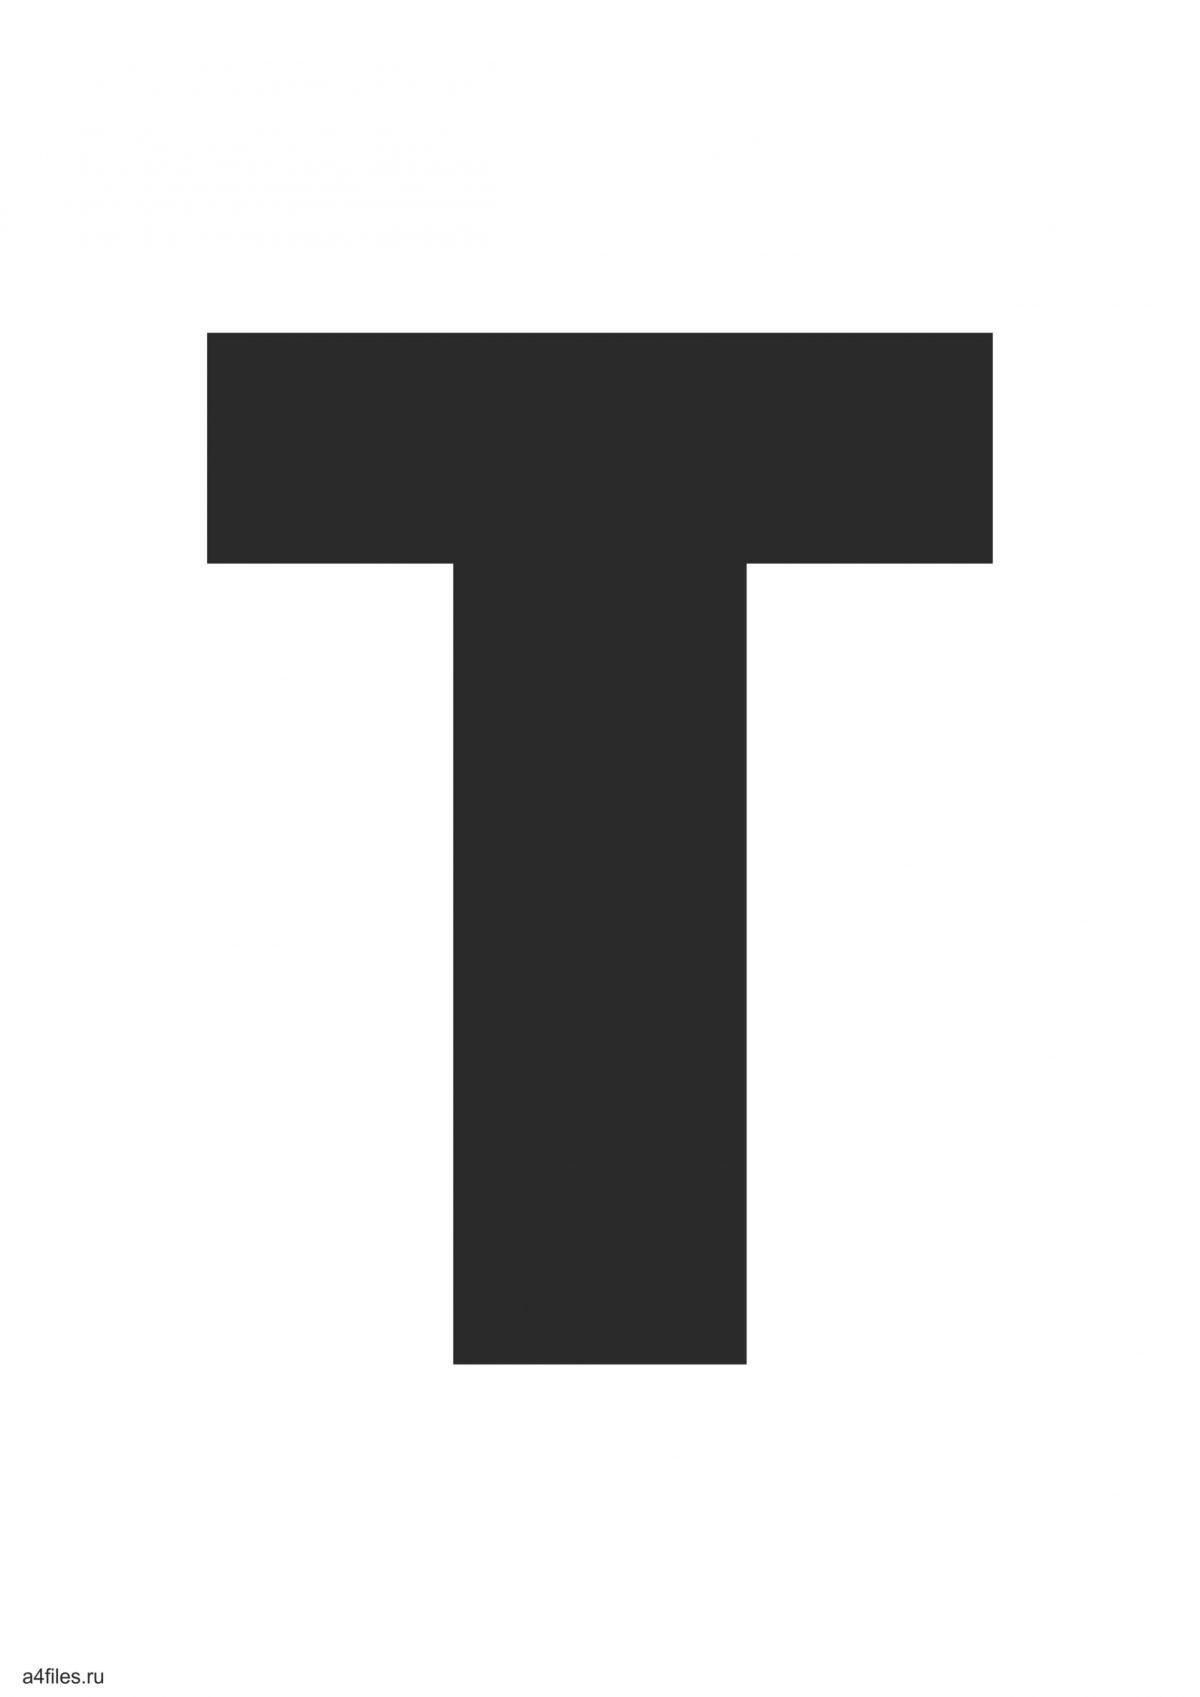 Буква Т - скачать и распечатать